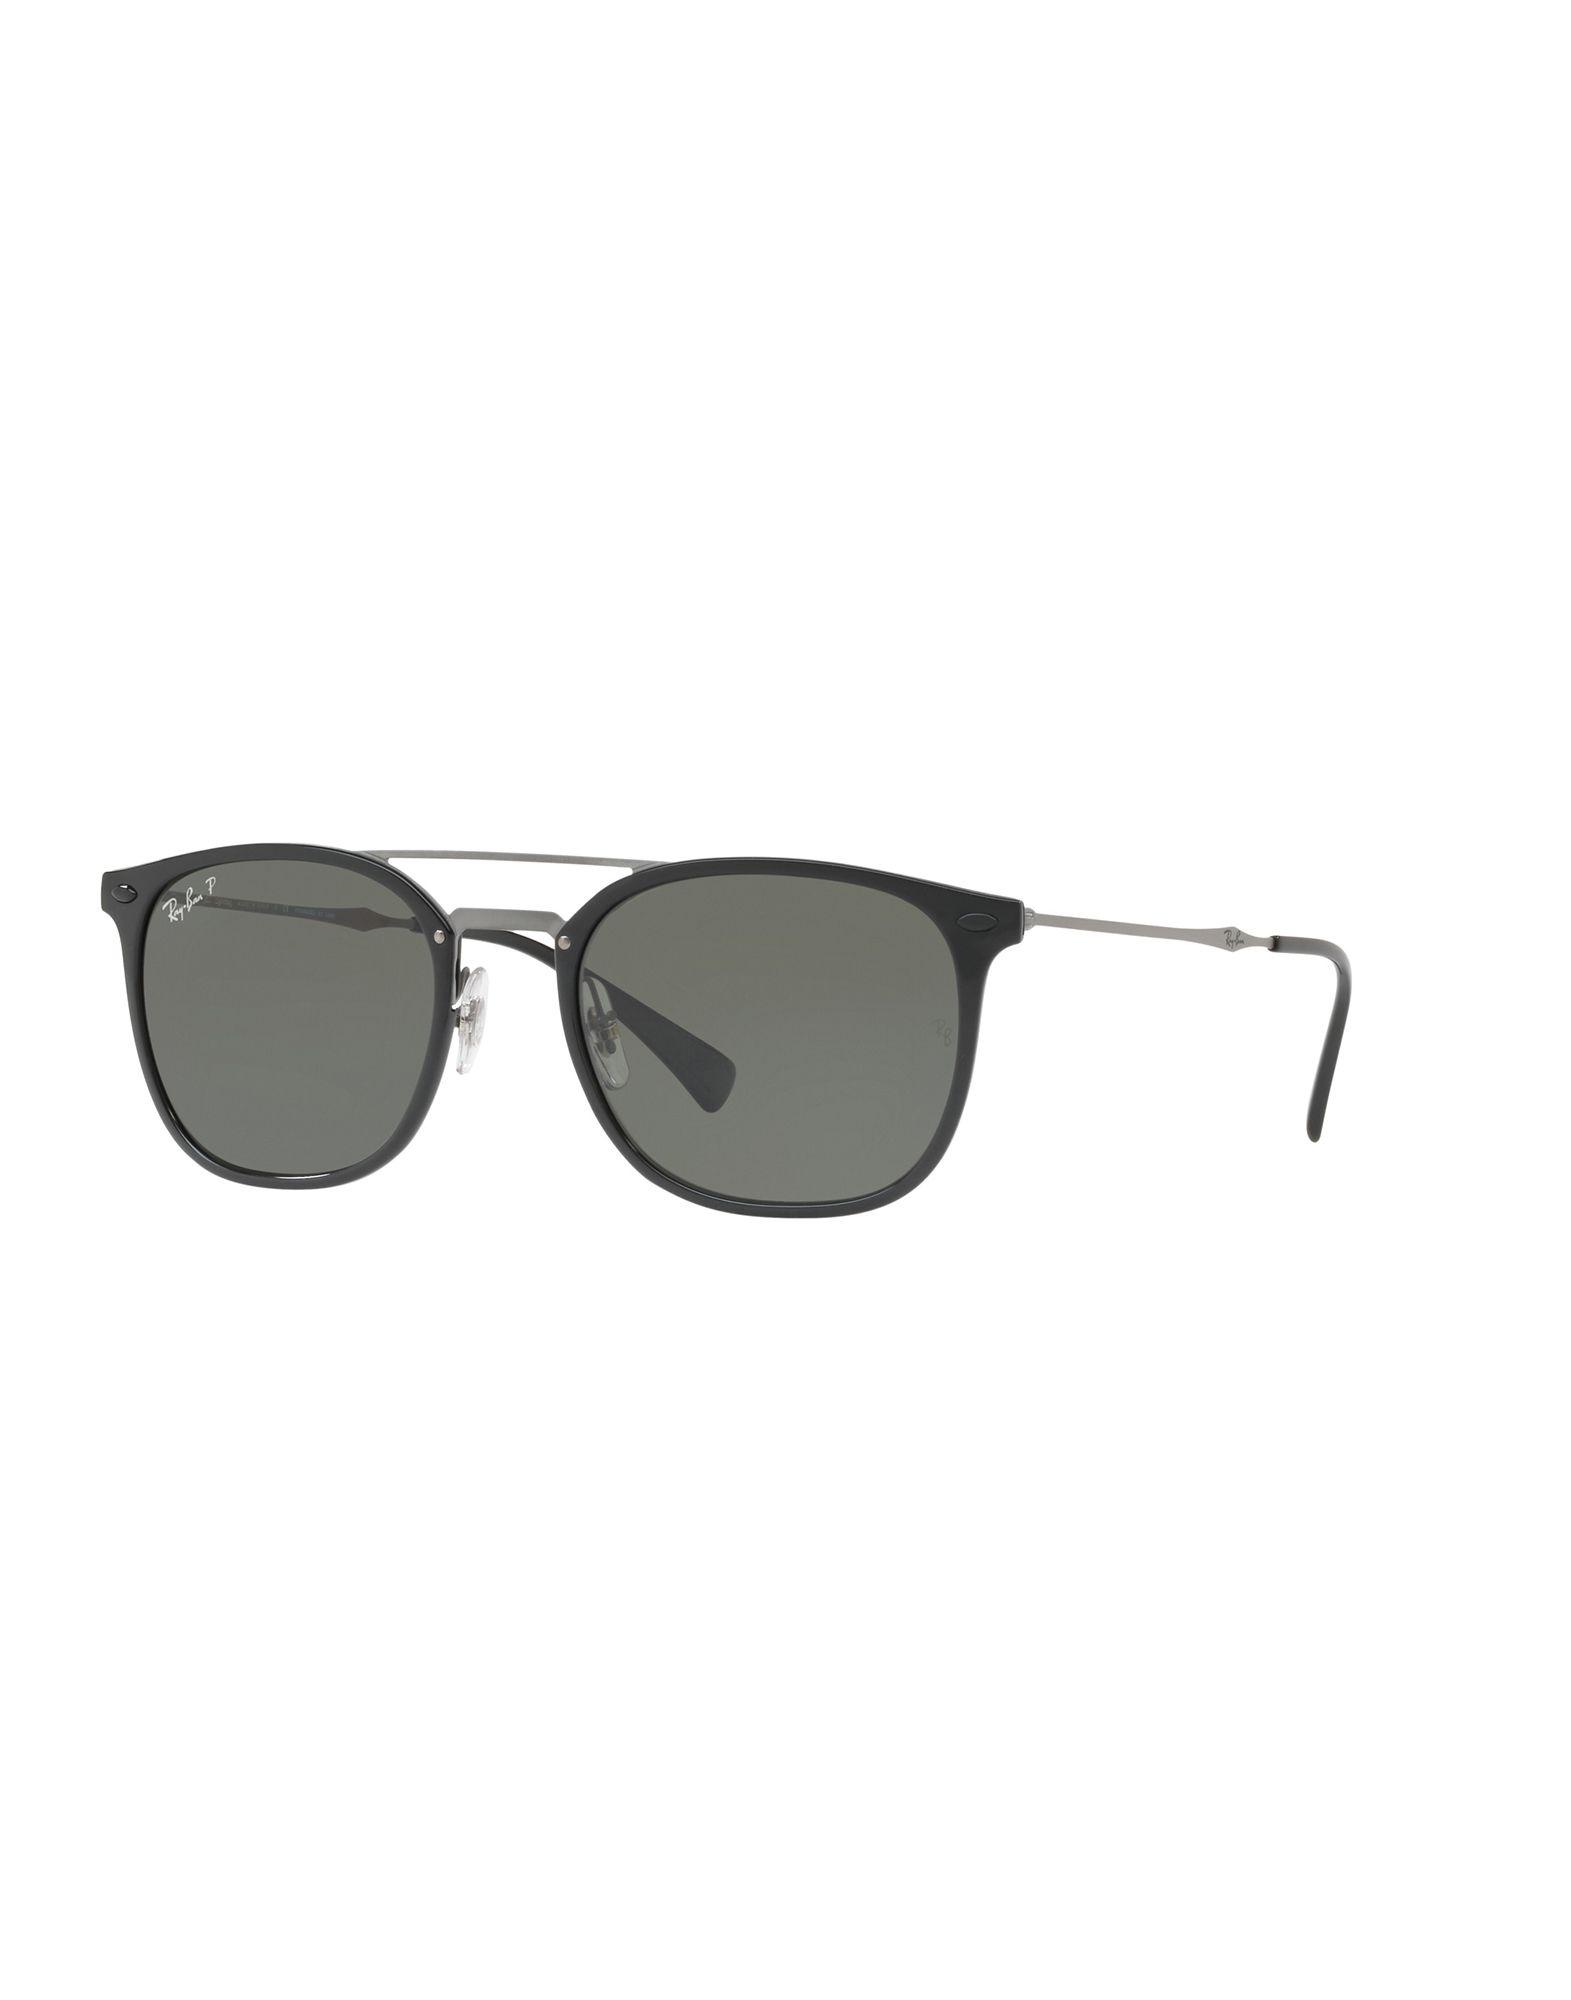 Occhiali Da Sole Ray-Ban Rb4286 - Uomo - Acquista online su